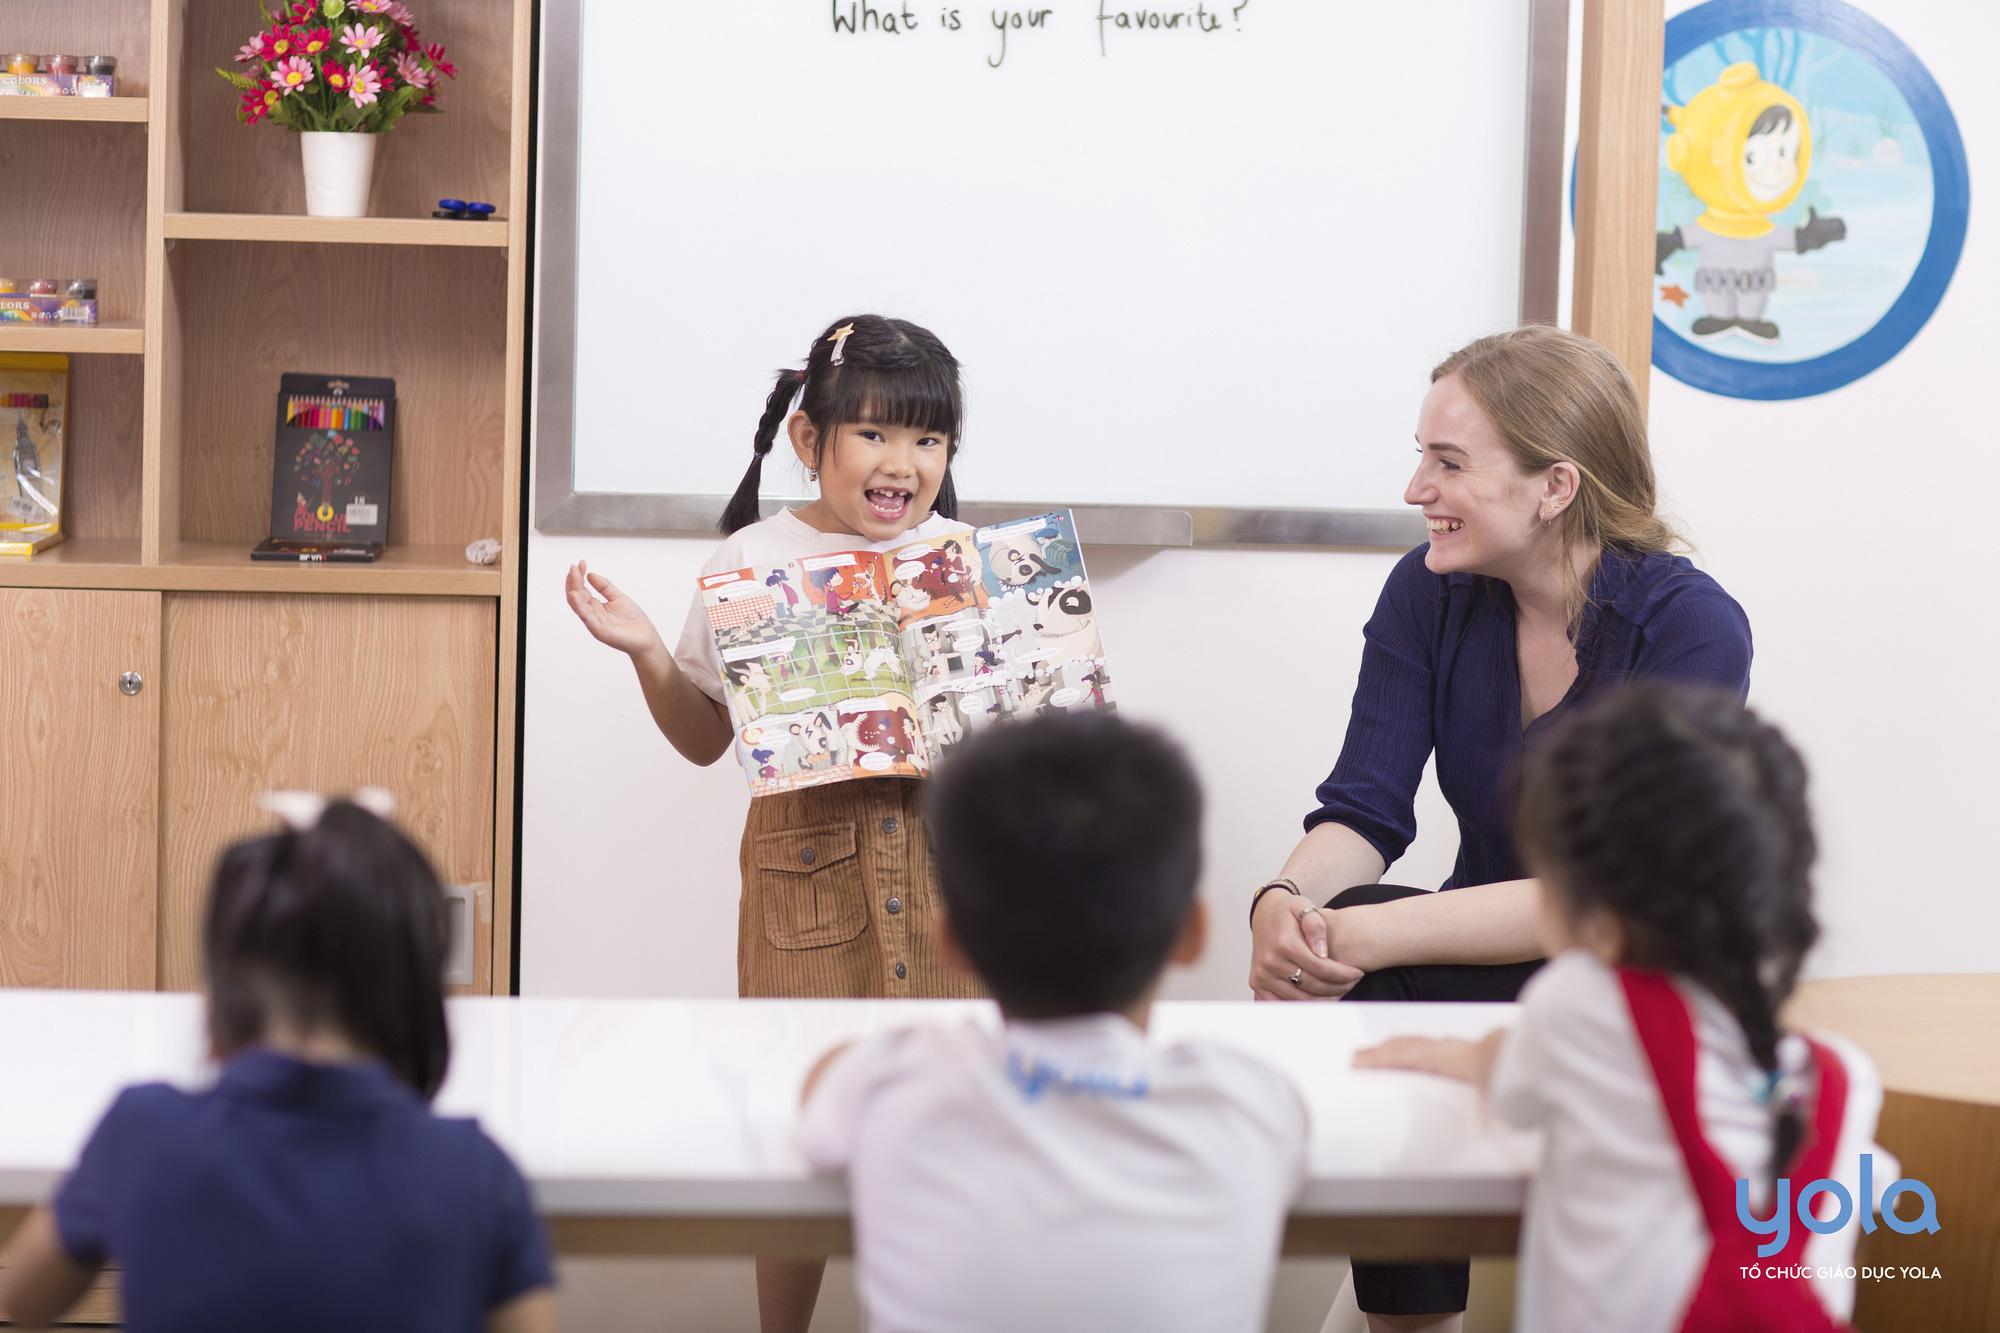 Giúp trẻ thích học tiếng Anh bằng những cách vô cùng đơn giản - Ảnh 1.